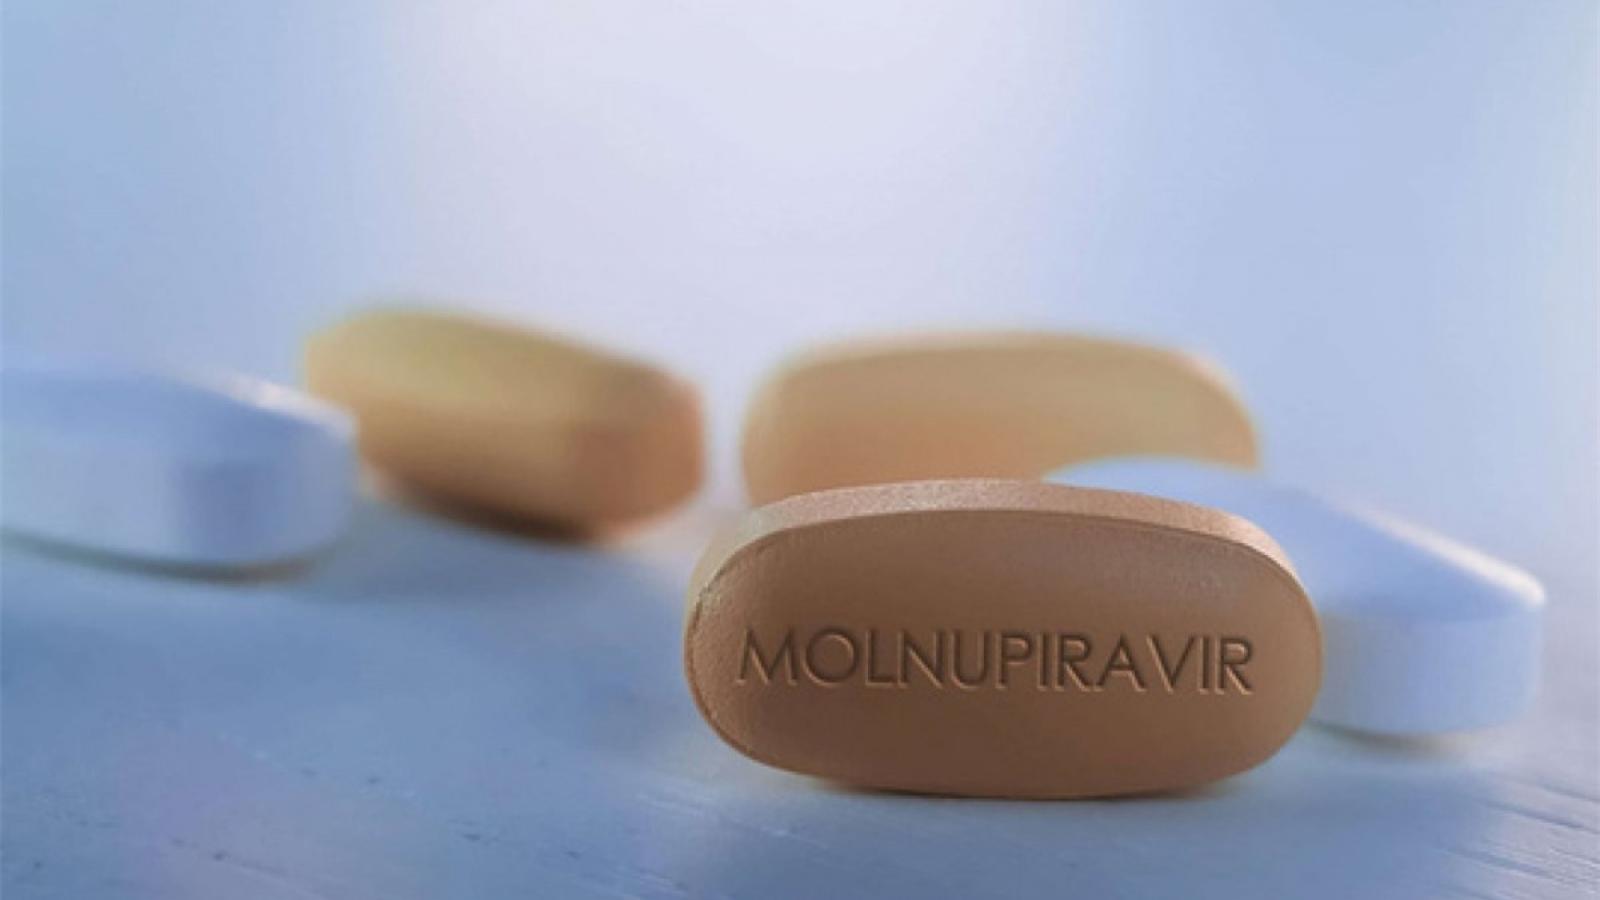 Thuốc chữa Covid-19 dùng hàng ngày: Thêm cơ hội quay lại cuộc sống bình thường